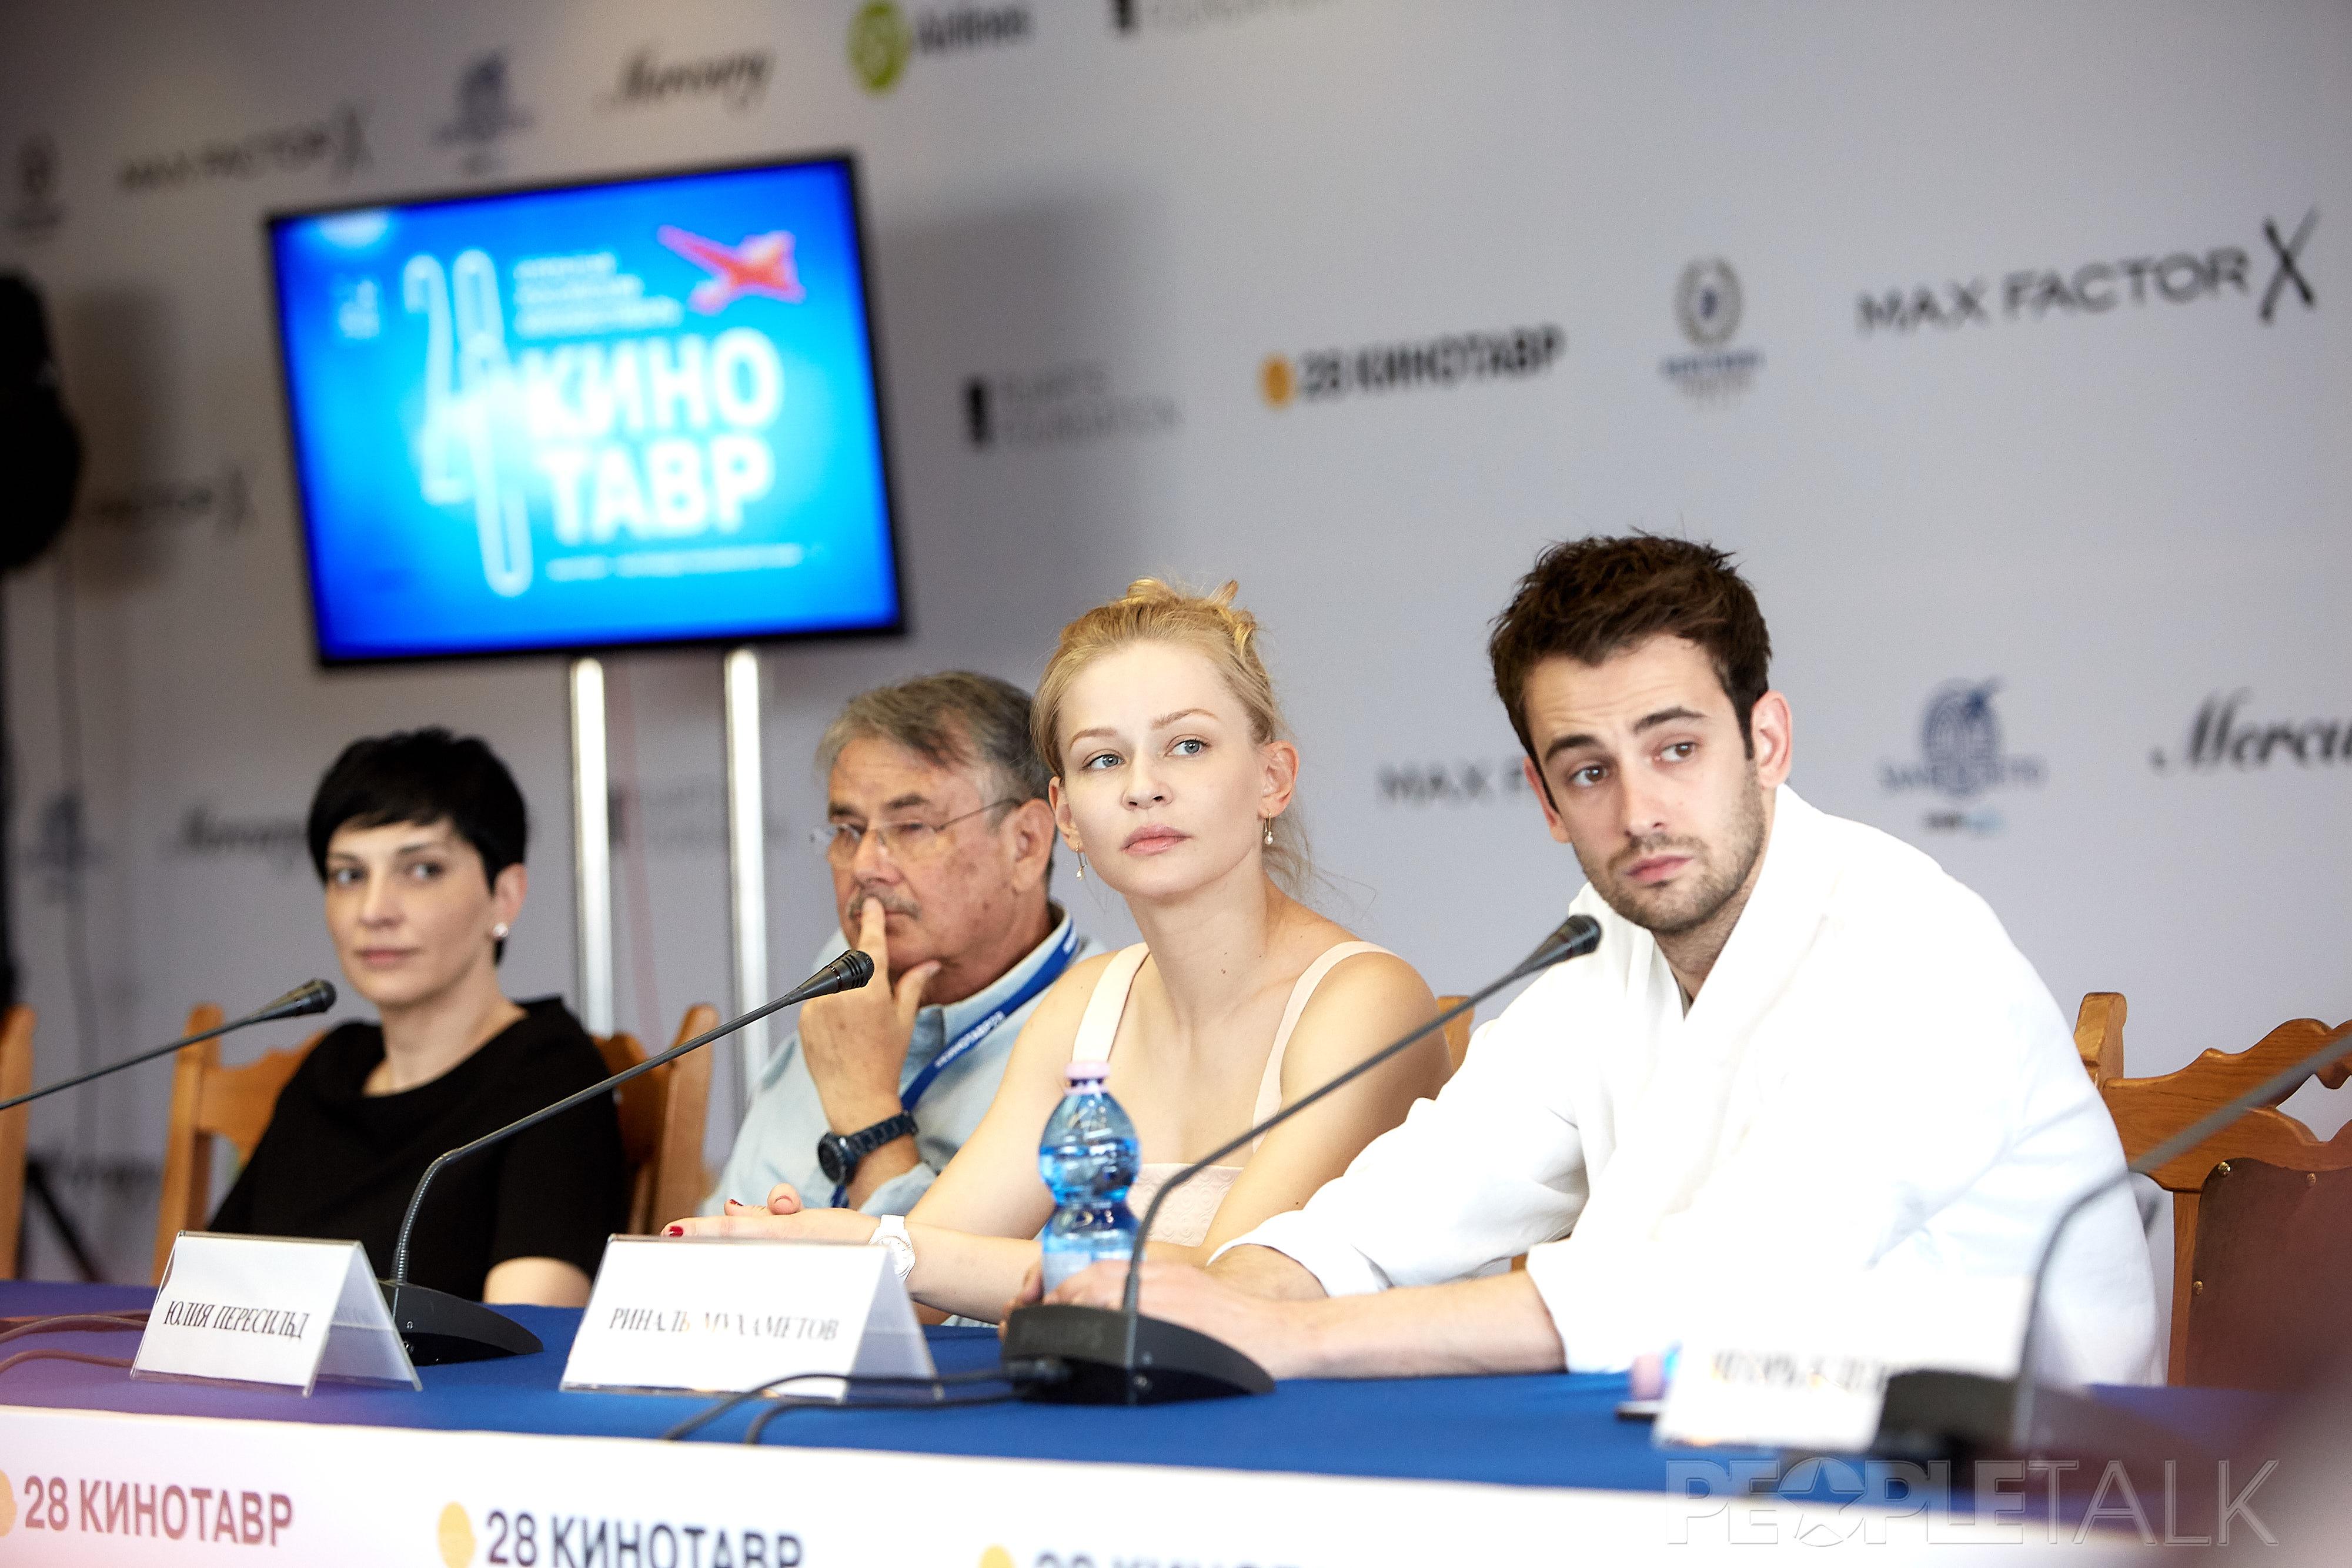 Павел Чухрай, Юлия Пересильд и Риналь Мухаметов